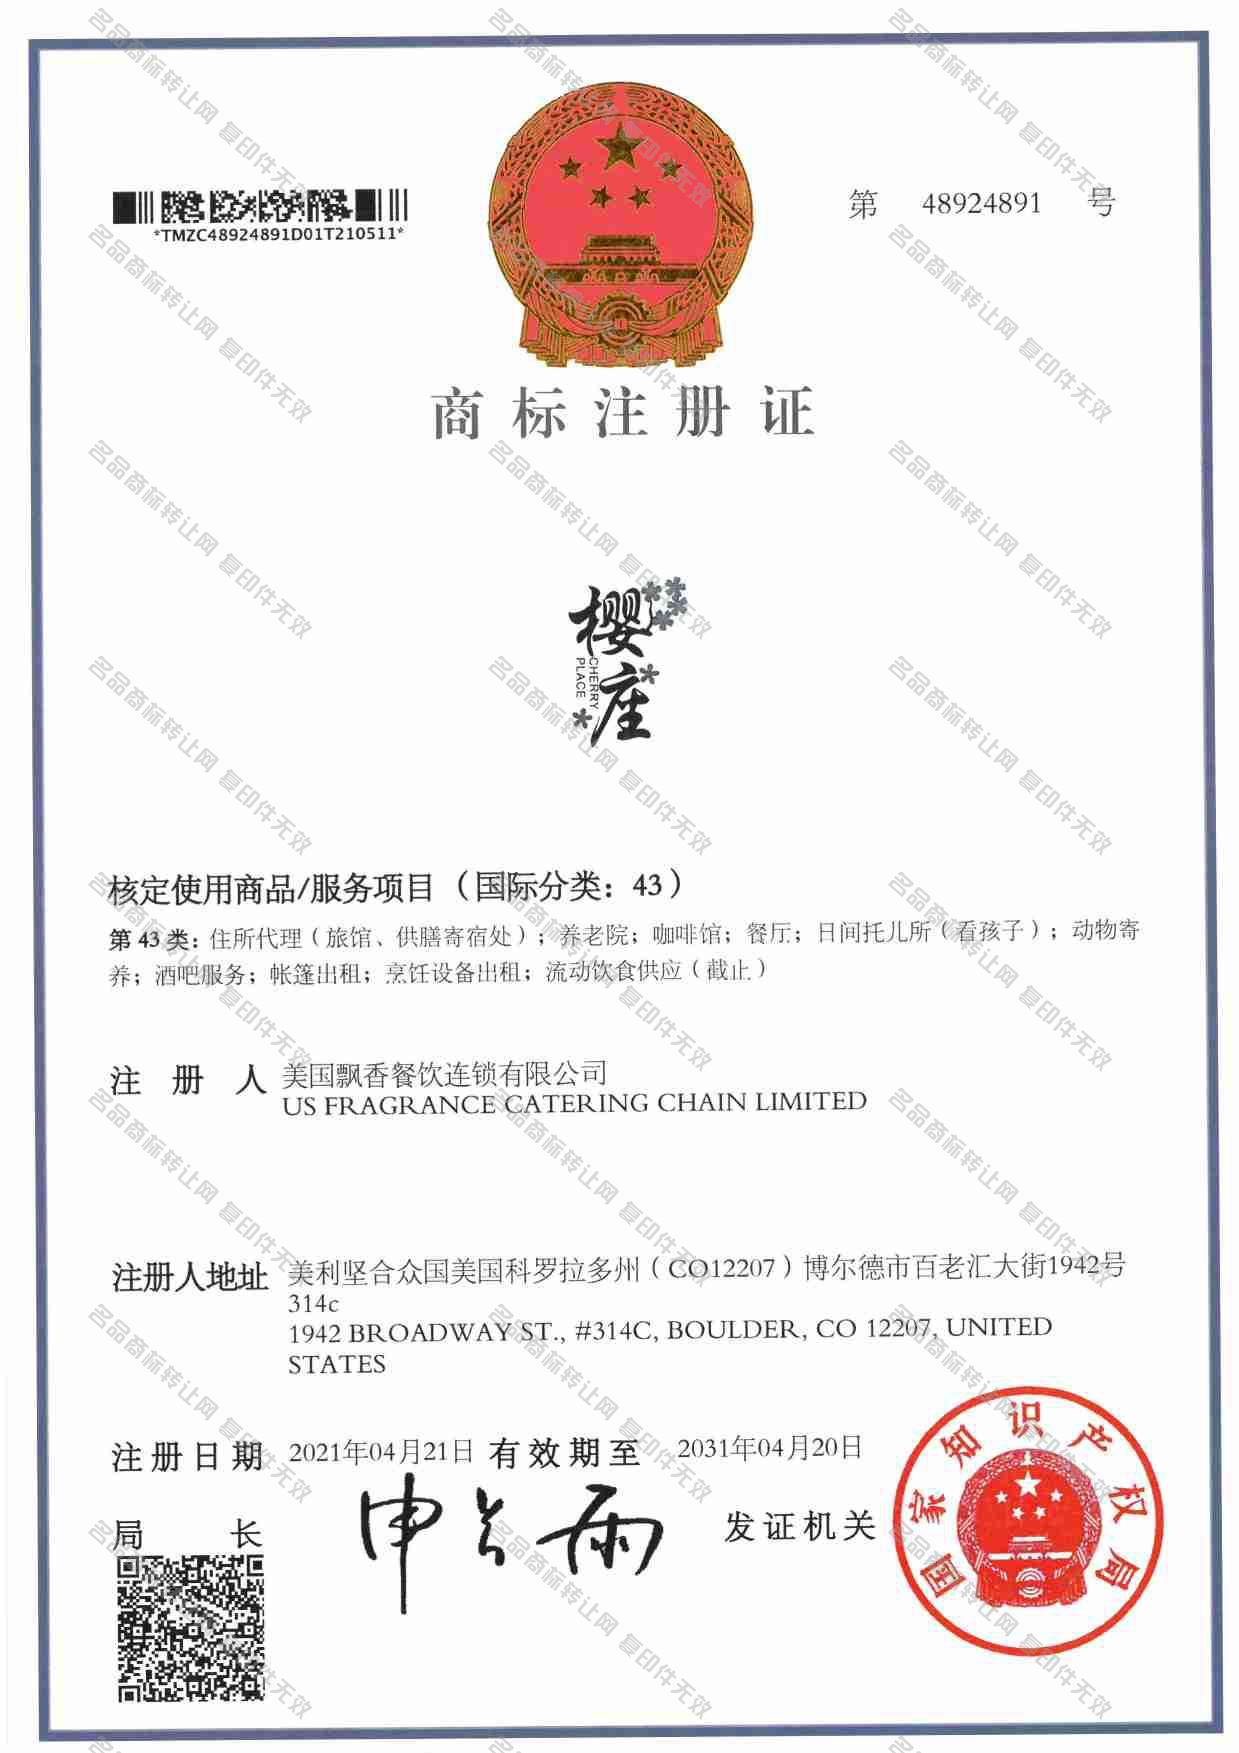 樱座 CHERRY PLACE注册证